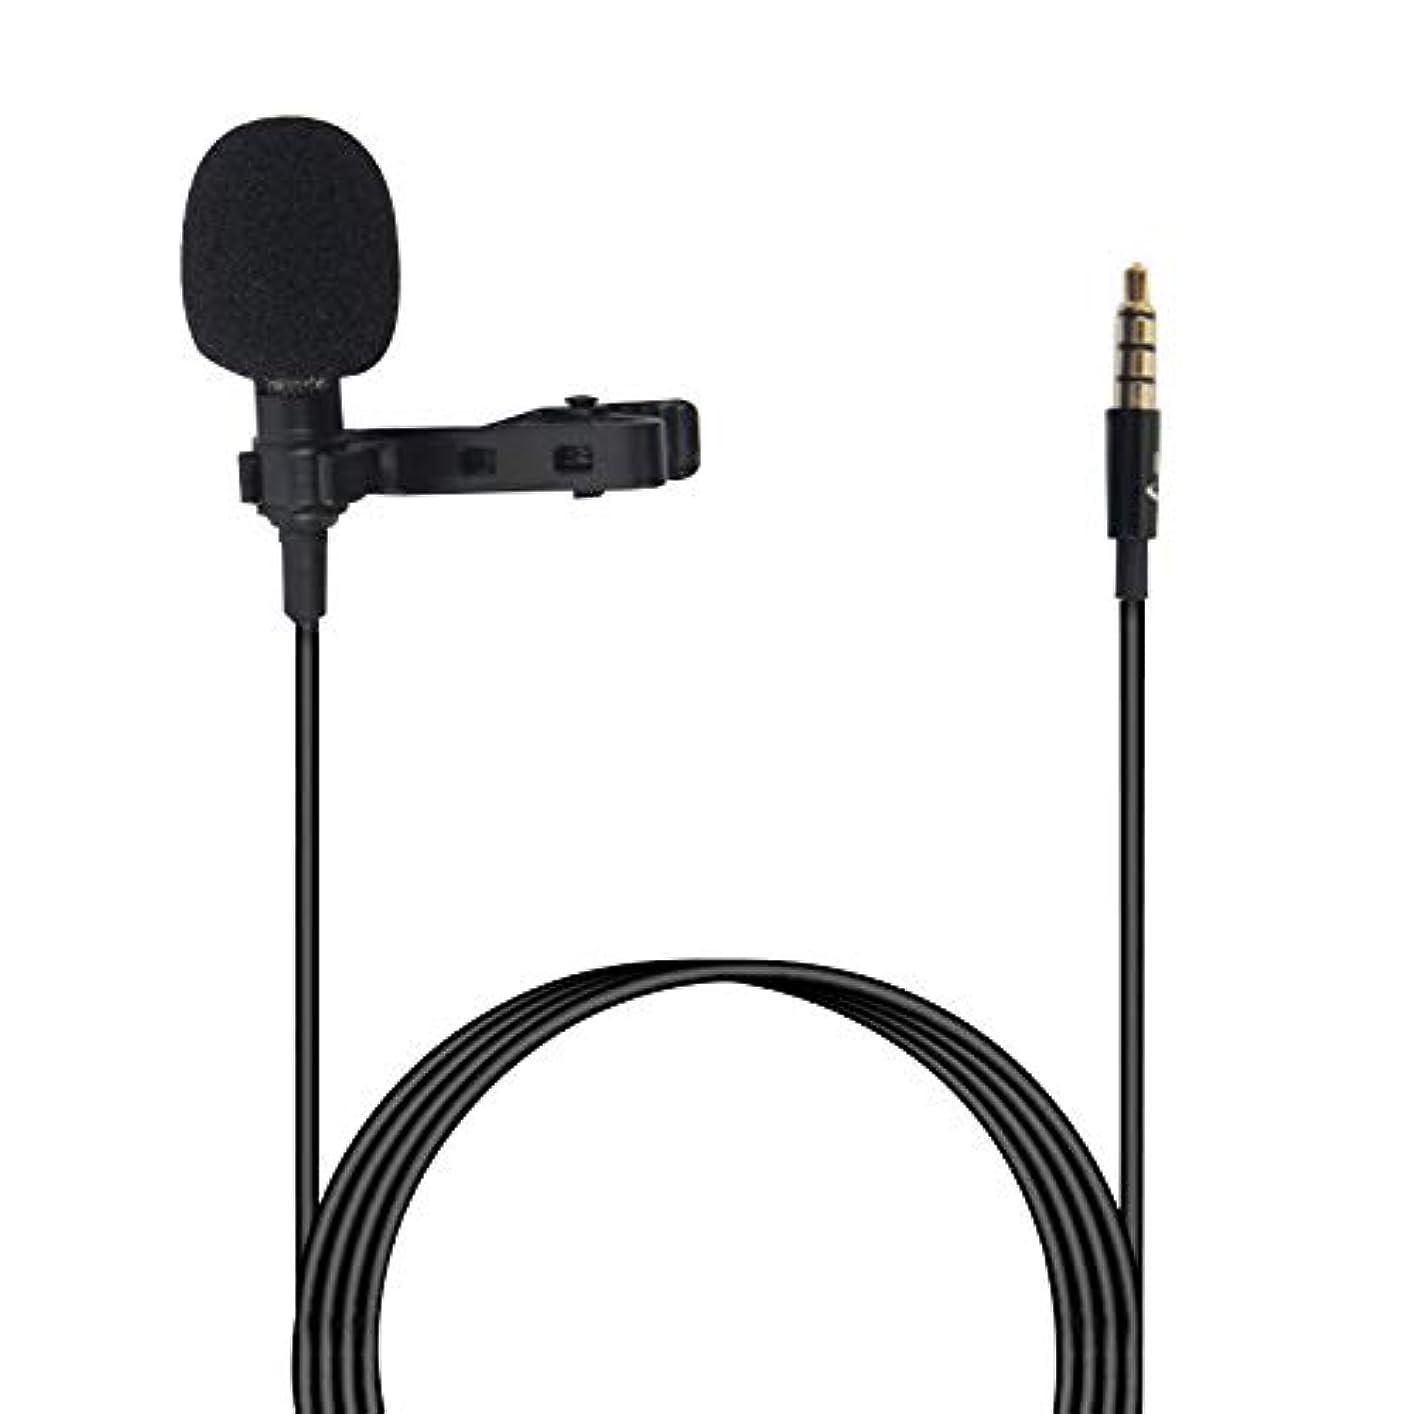 トリクル専らぎこちないHiCollie コンデンサーマイク ピンマイク 高音質 クリップ付き ミニマイク クリップ 3.5mmミニプラグ アイフォン/Androidなどに適用